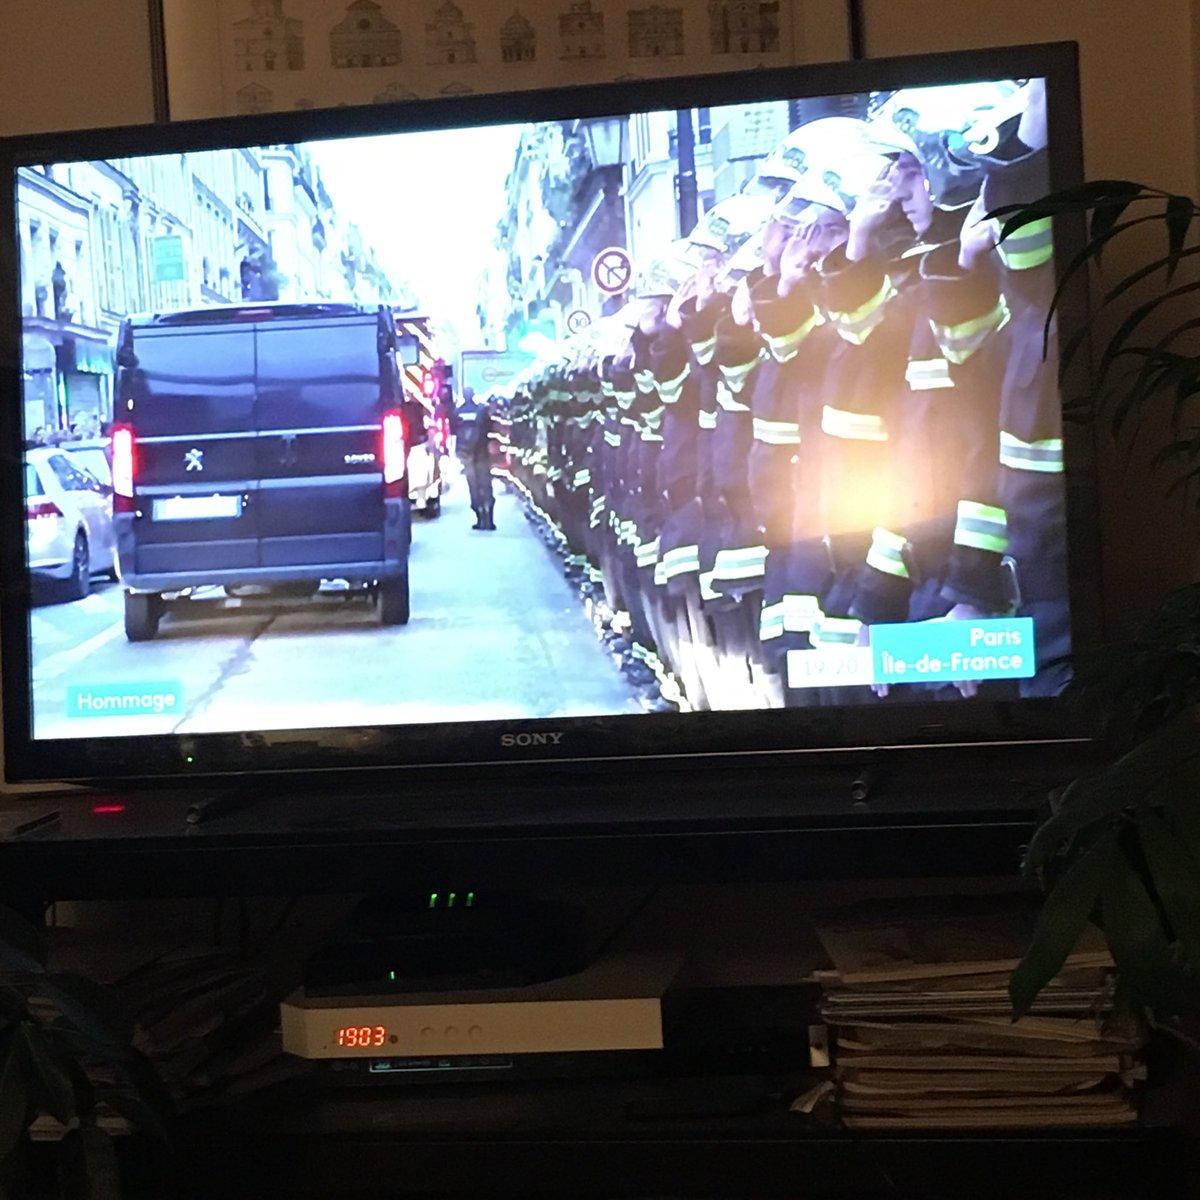 #hommage #pompiersdeparis #Merci https://t.co/FfkDWWXMi9